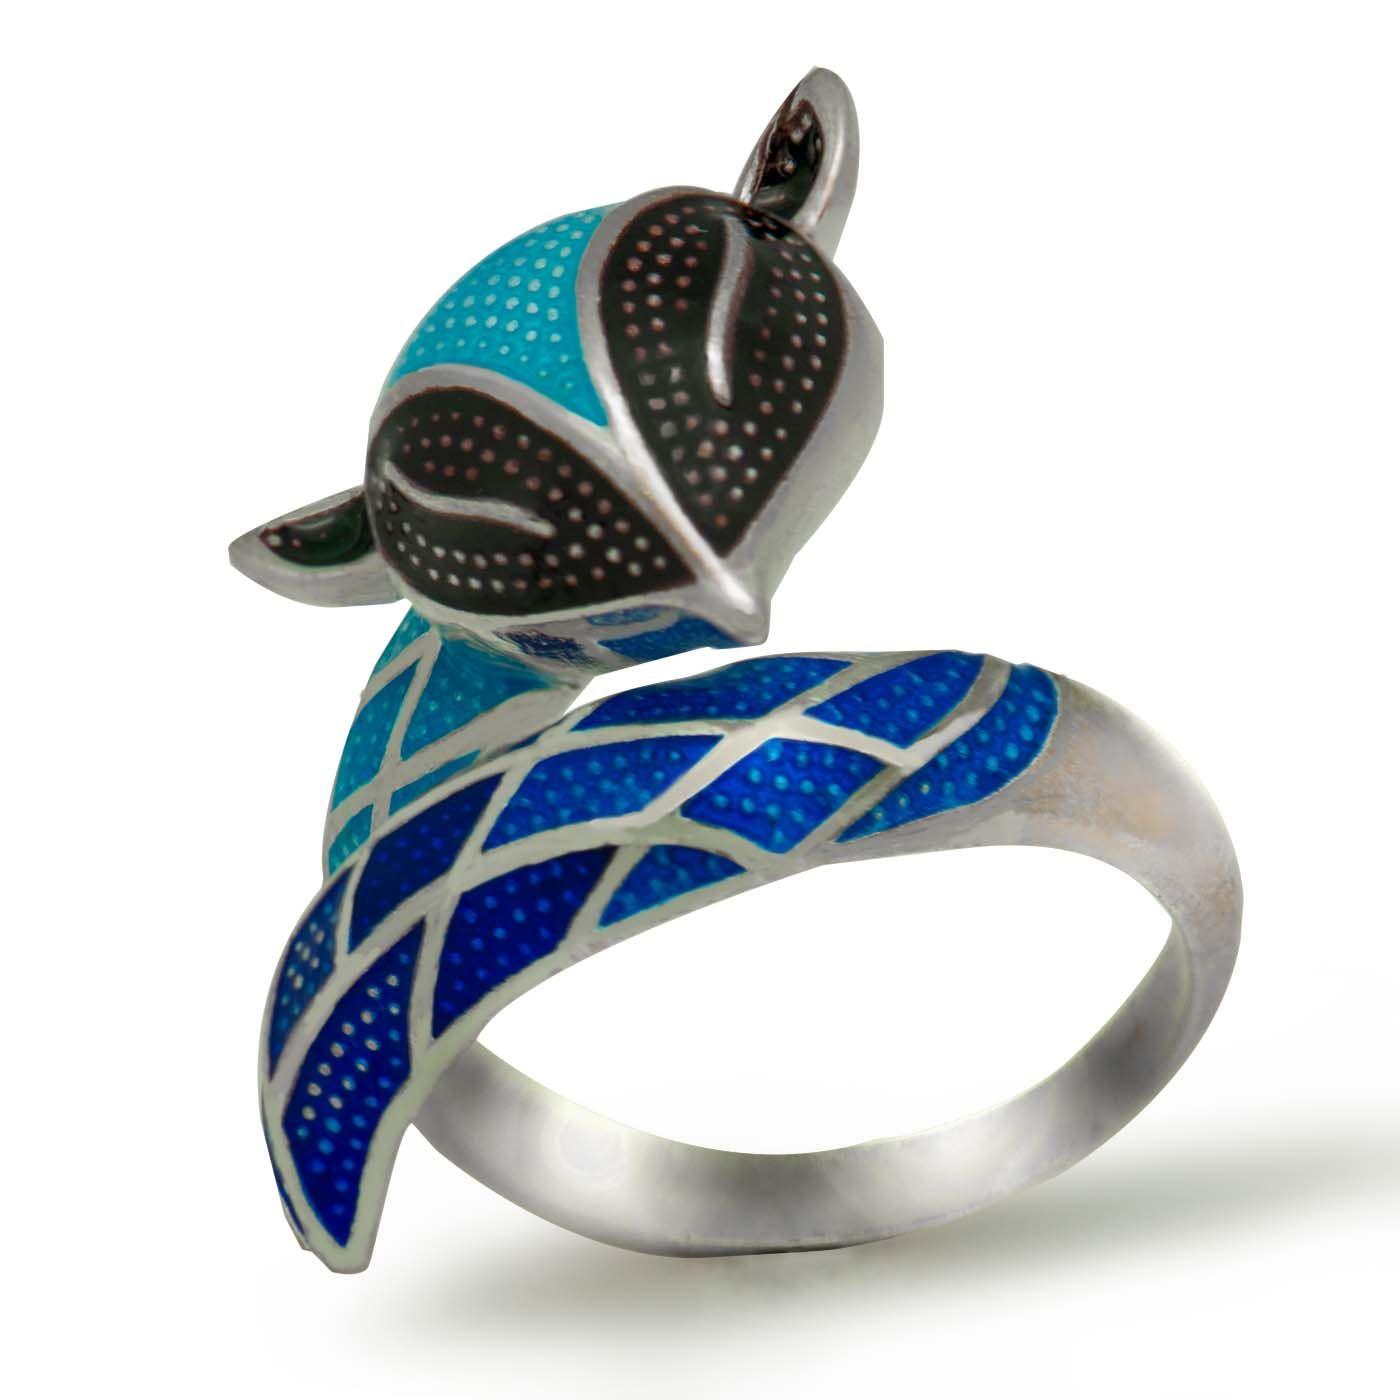 2017 Nuevo azul Fox esmalte sólido 925 tamaño abierto anillo ajustable